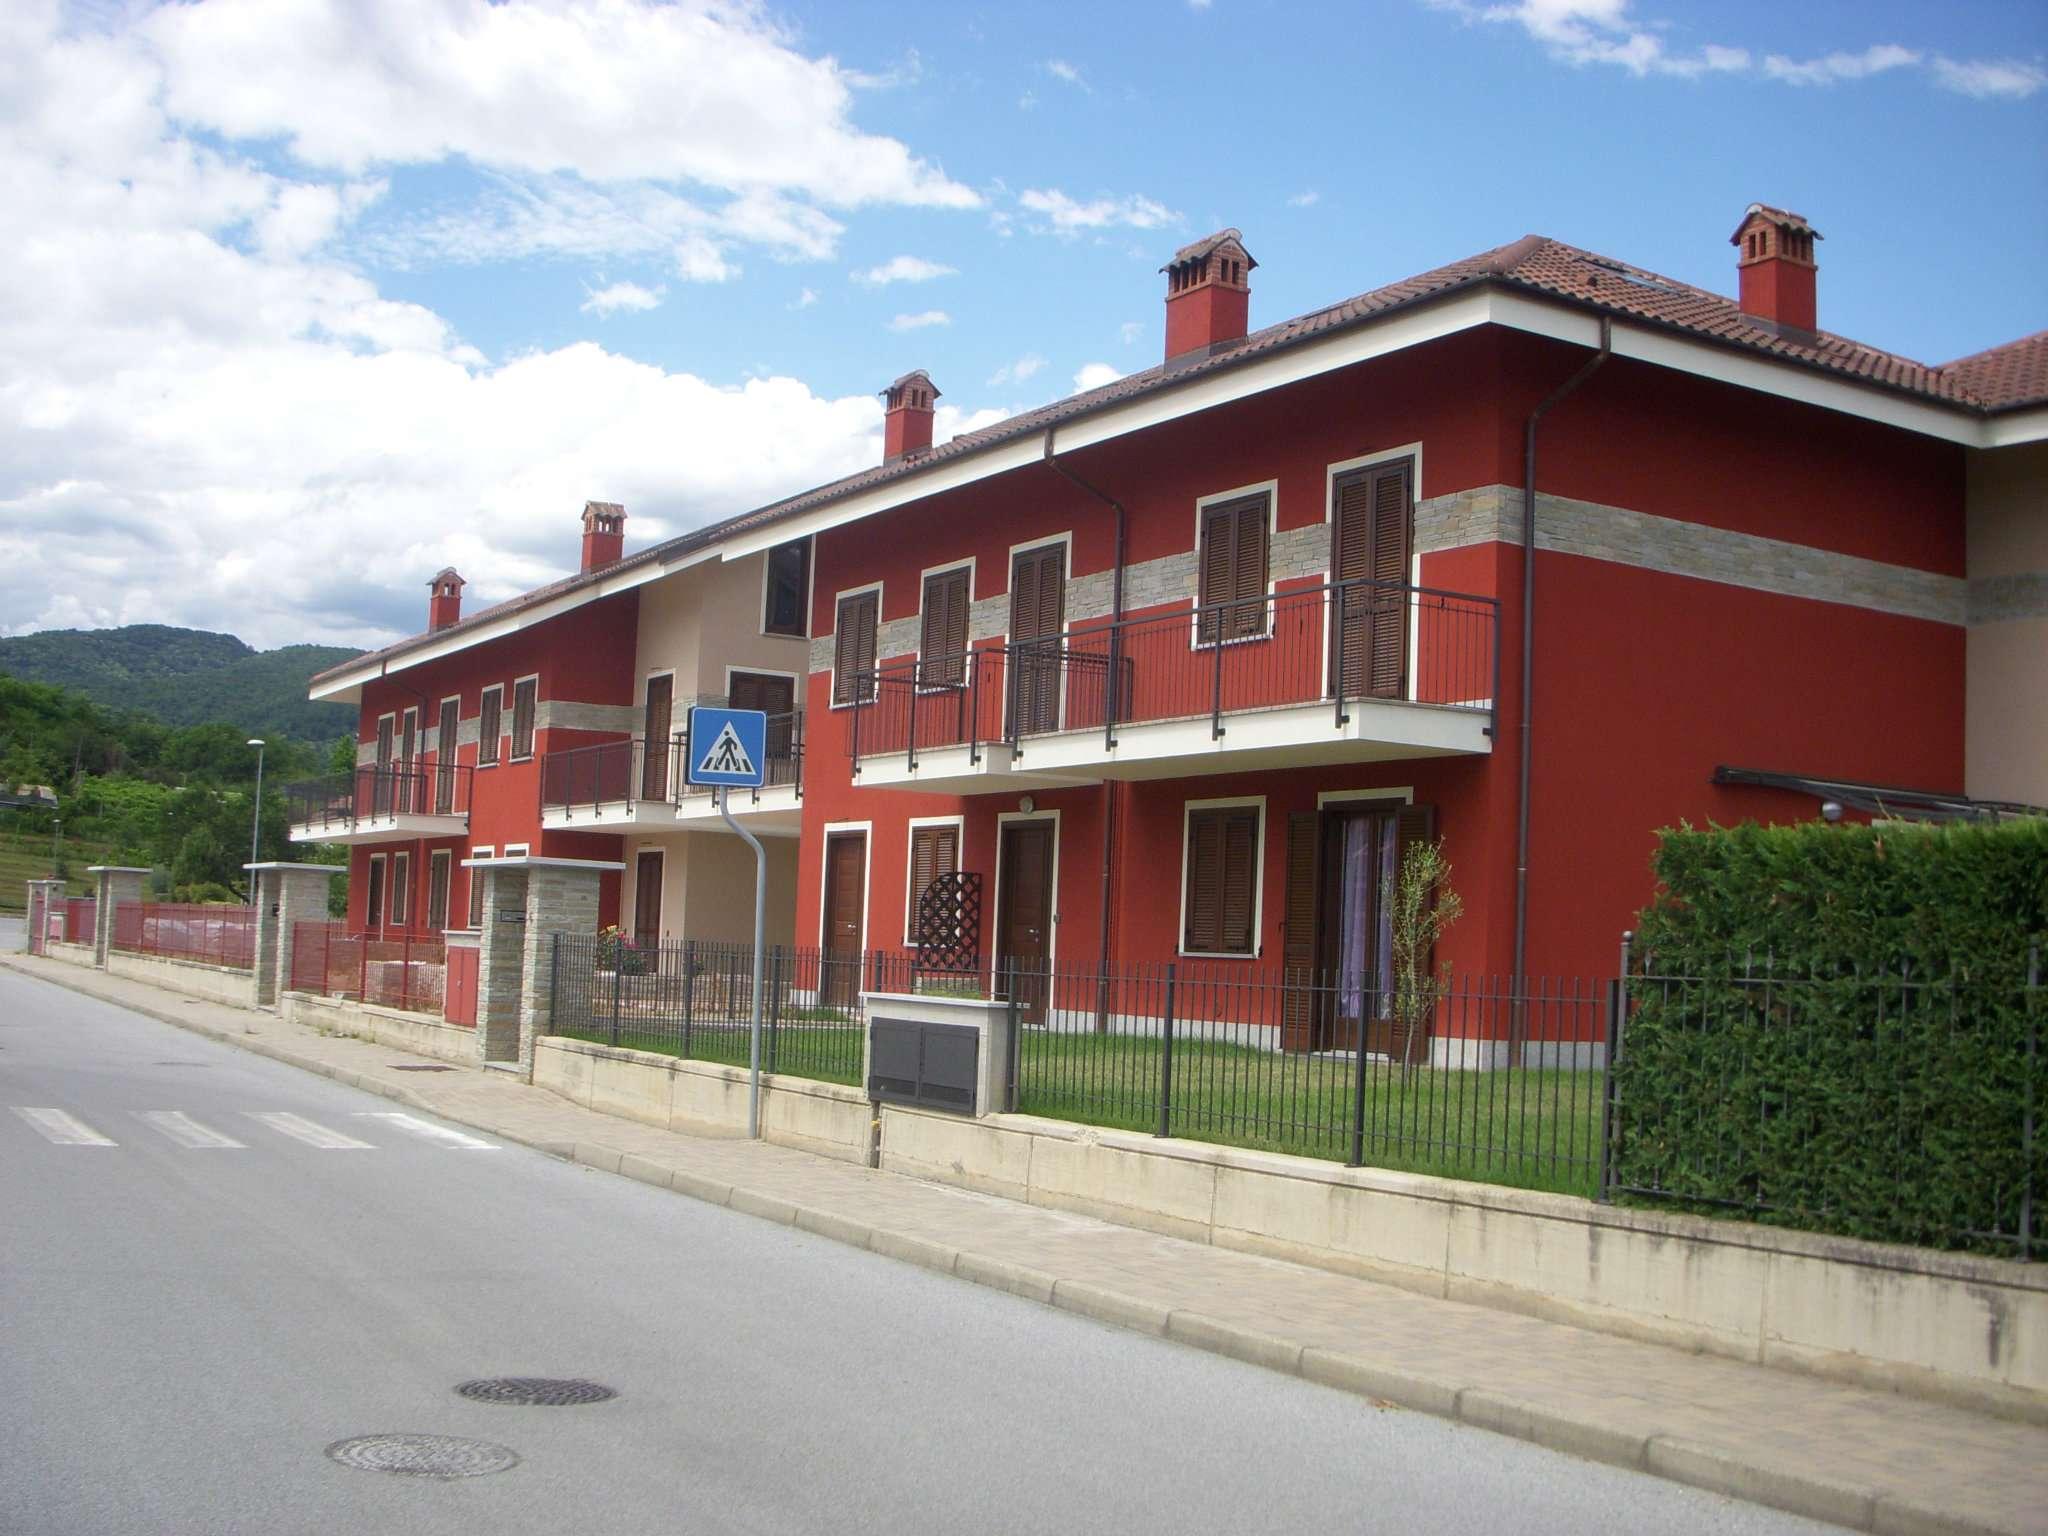 Appartamento in vendita a Bricherasio, 3 locali, prezzo € 155.000 | CambioCasa.it